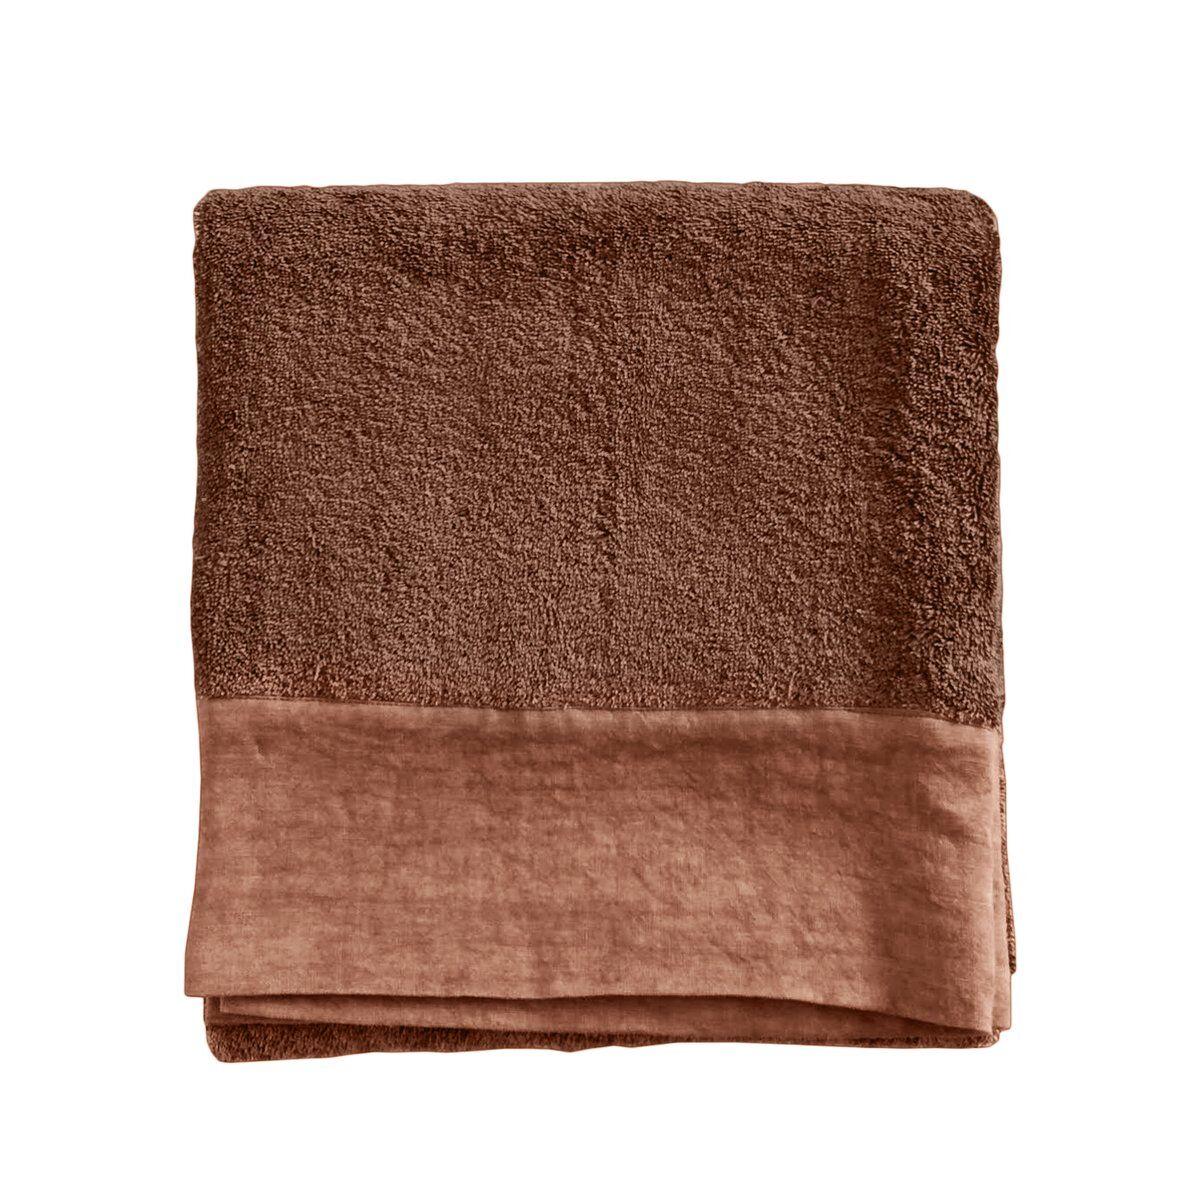 Lo de Manuela Serviette de toilette finition lin lavé terre cuite 100x150